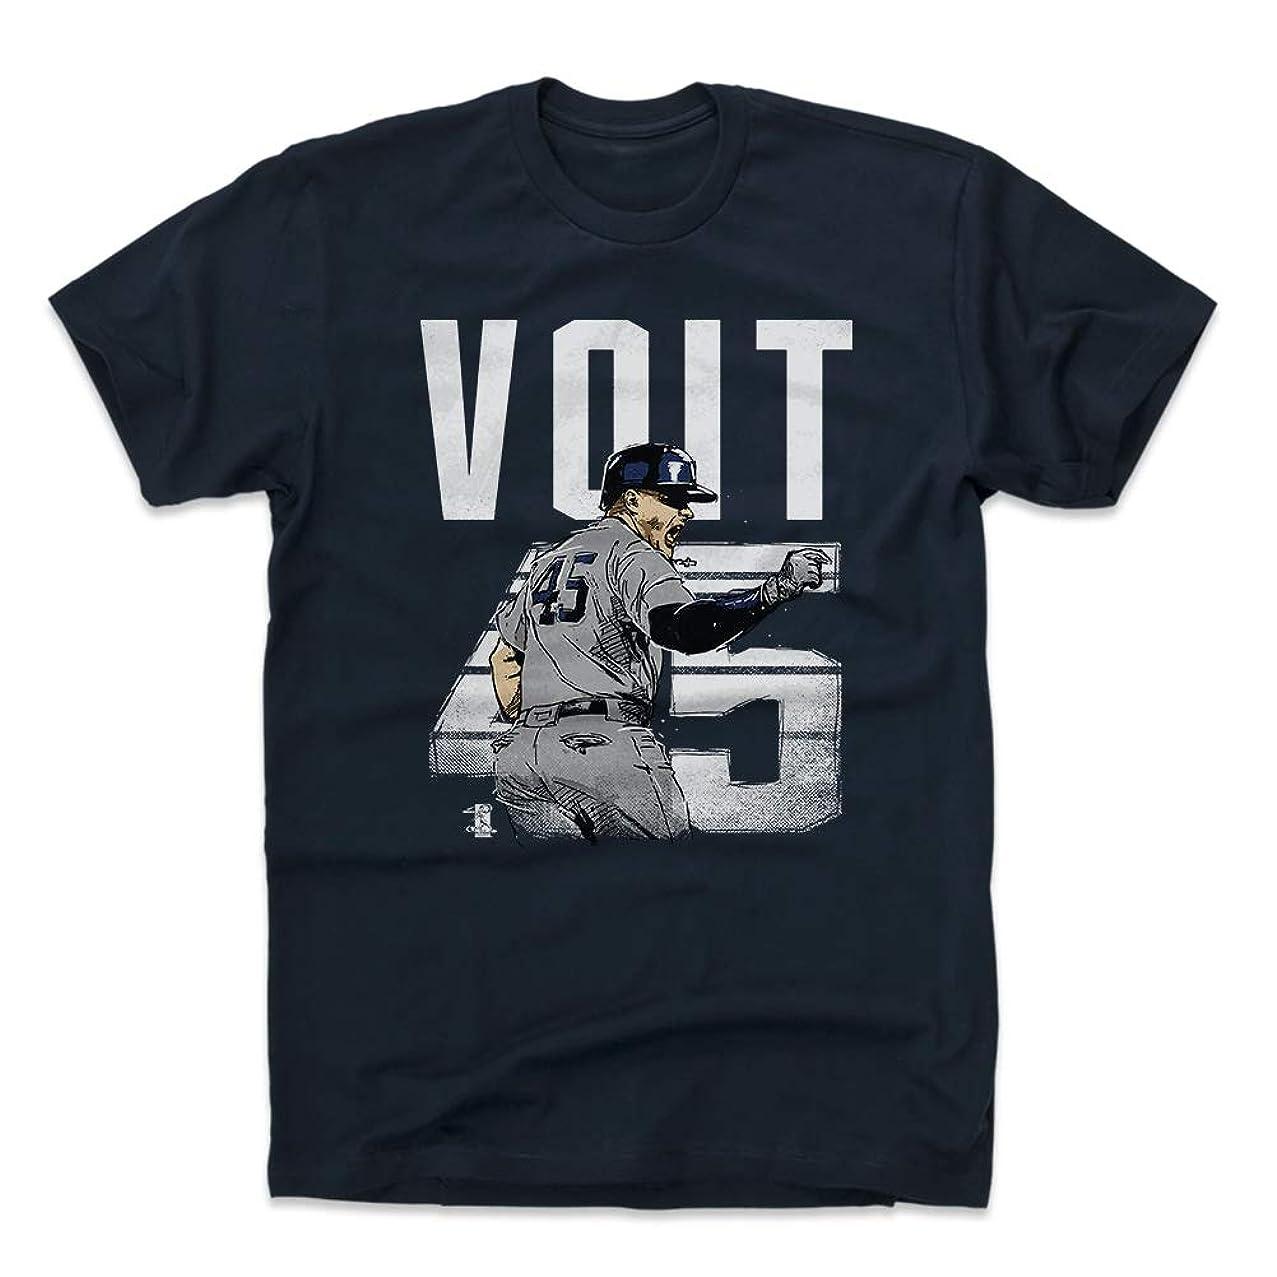 500 LEVEL Luke Voit Shirt - New York Baseball Men's Apparel - Luke Voit Retro